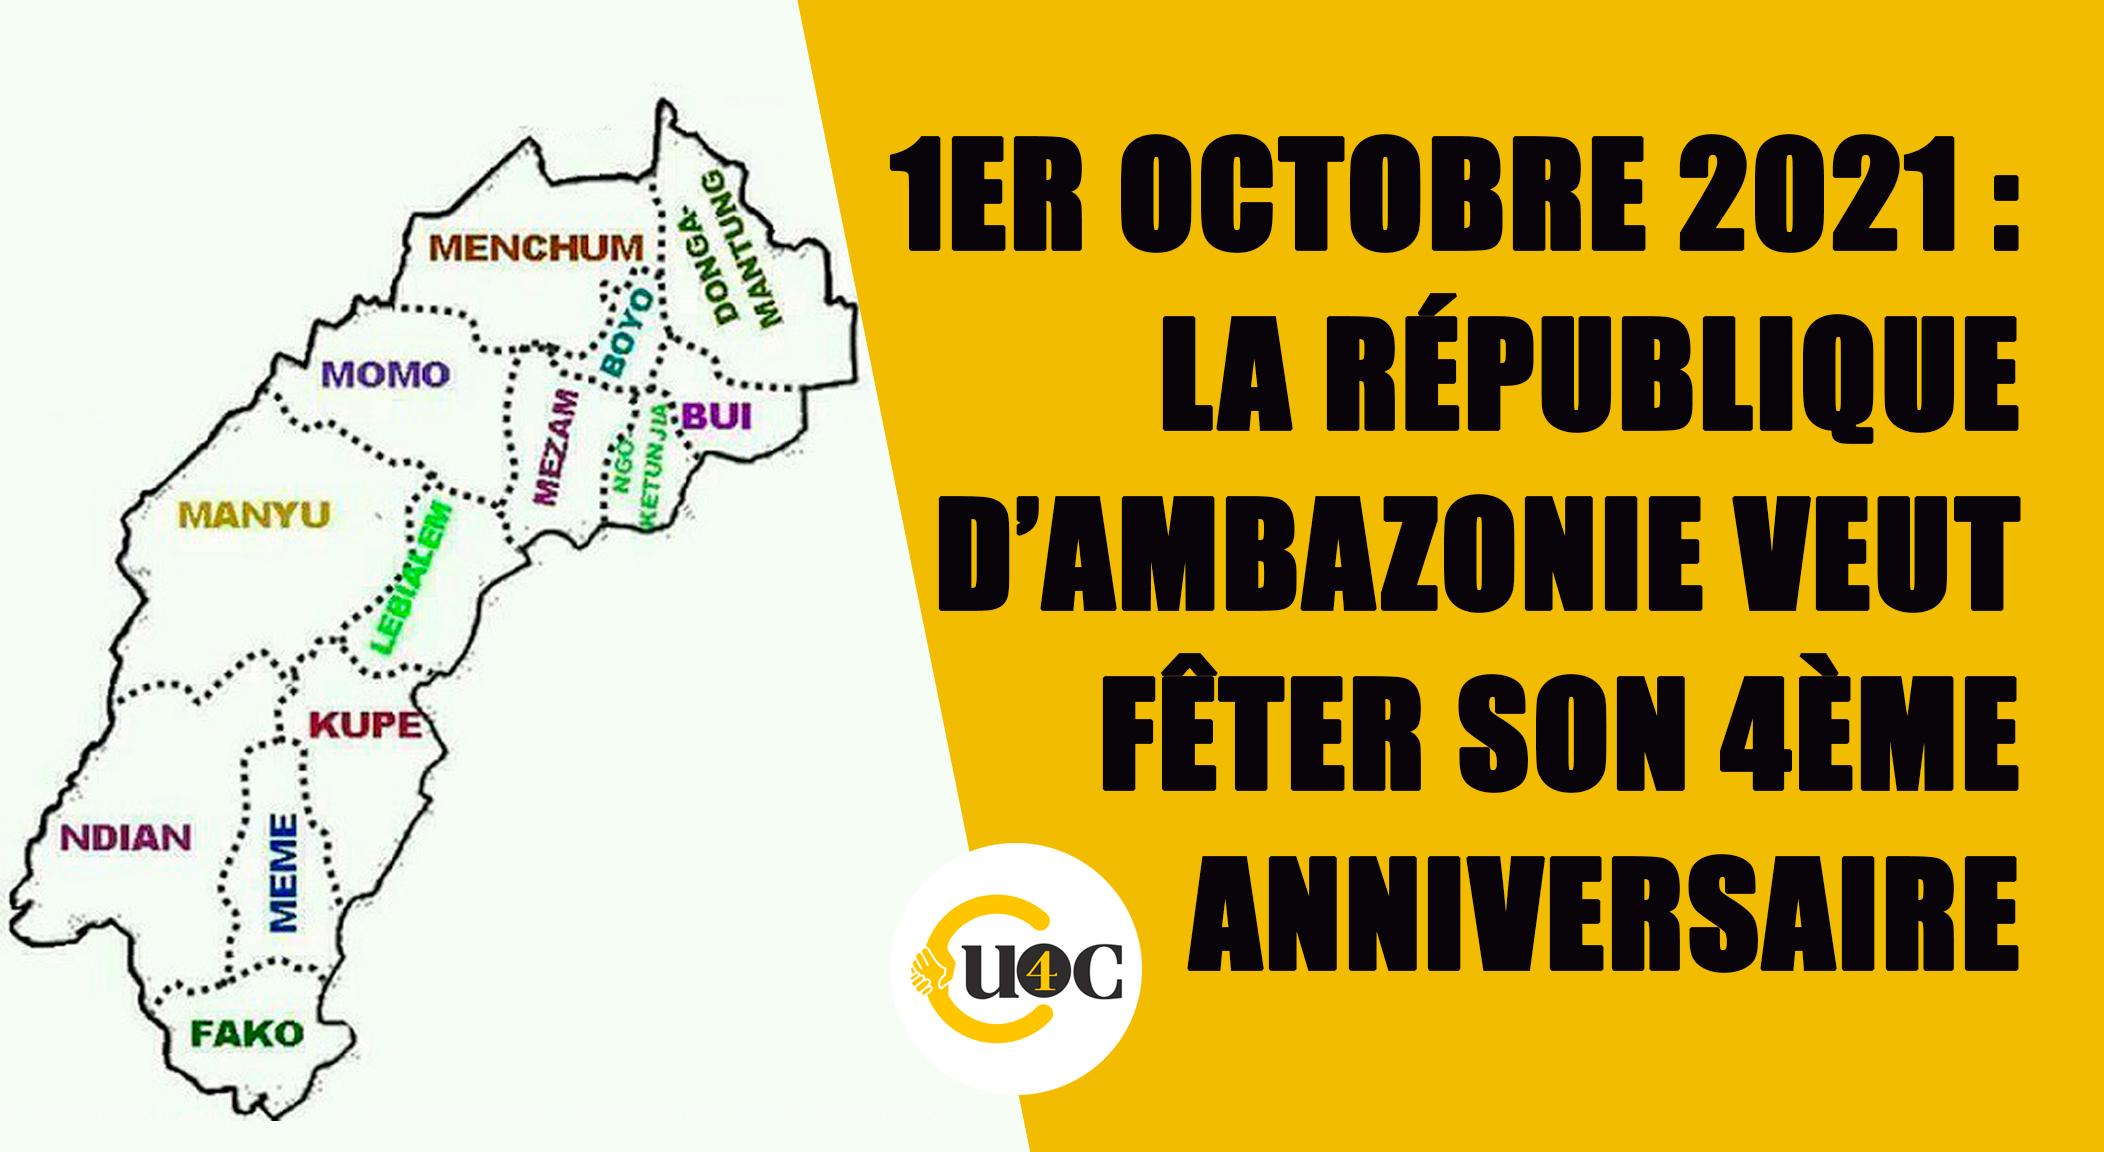 1er Octobre 2021 : la république d'Ambazonie veut fêter son 4ème anniversaire